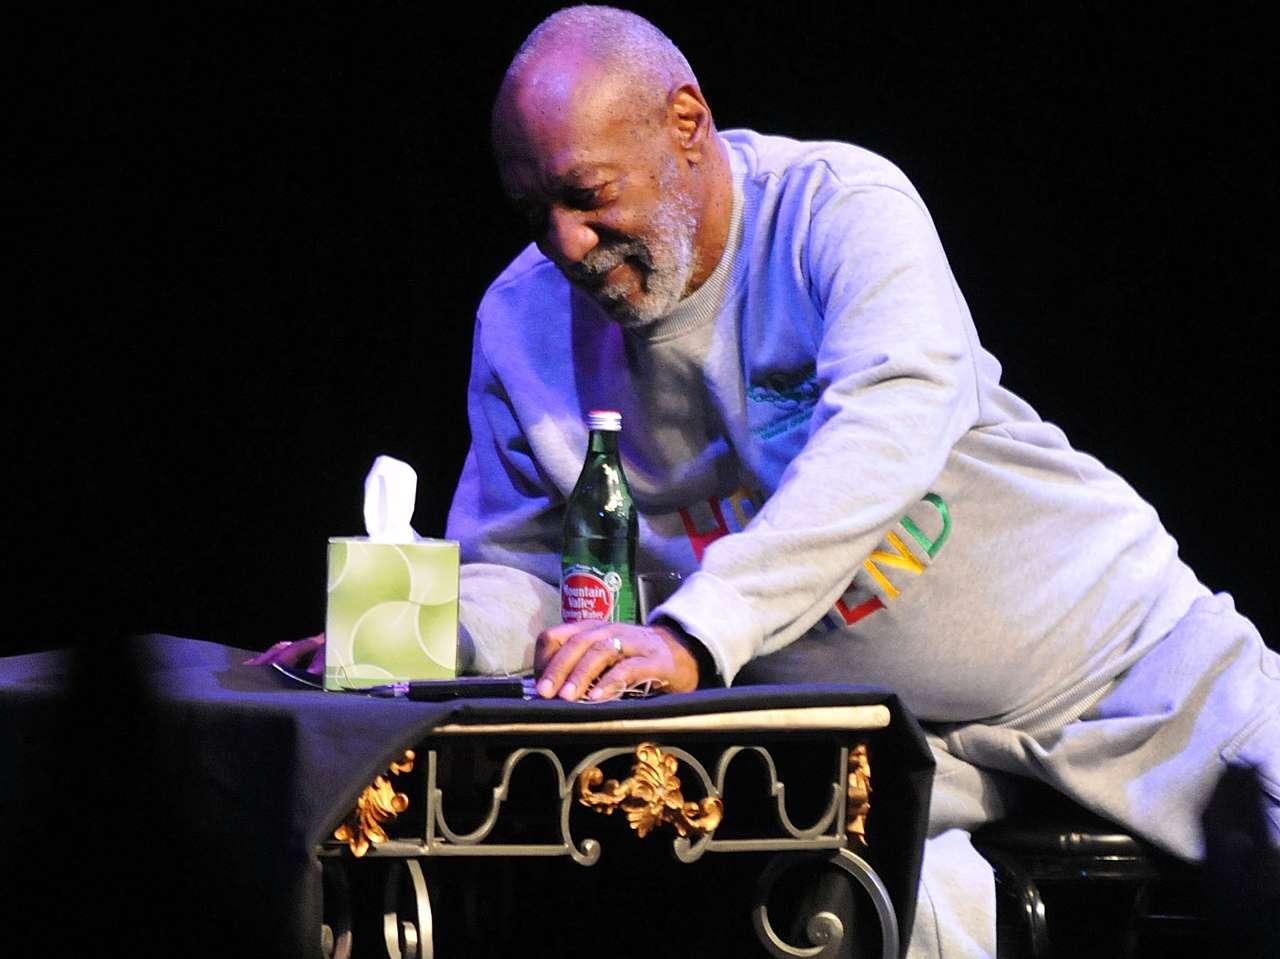 Varios shows de Bill Cosby en Las Vegas fueron cancelados por las acusaciones de violación que pesan en contra del actor. Foto: Getty Images